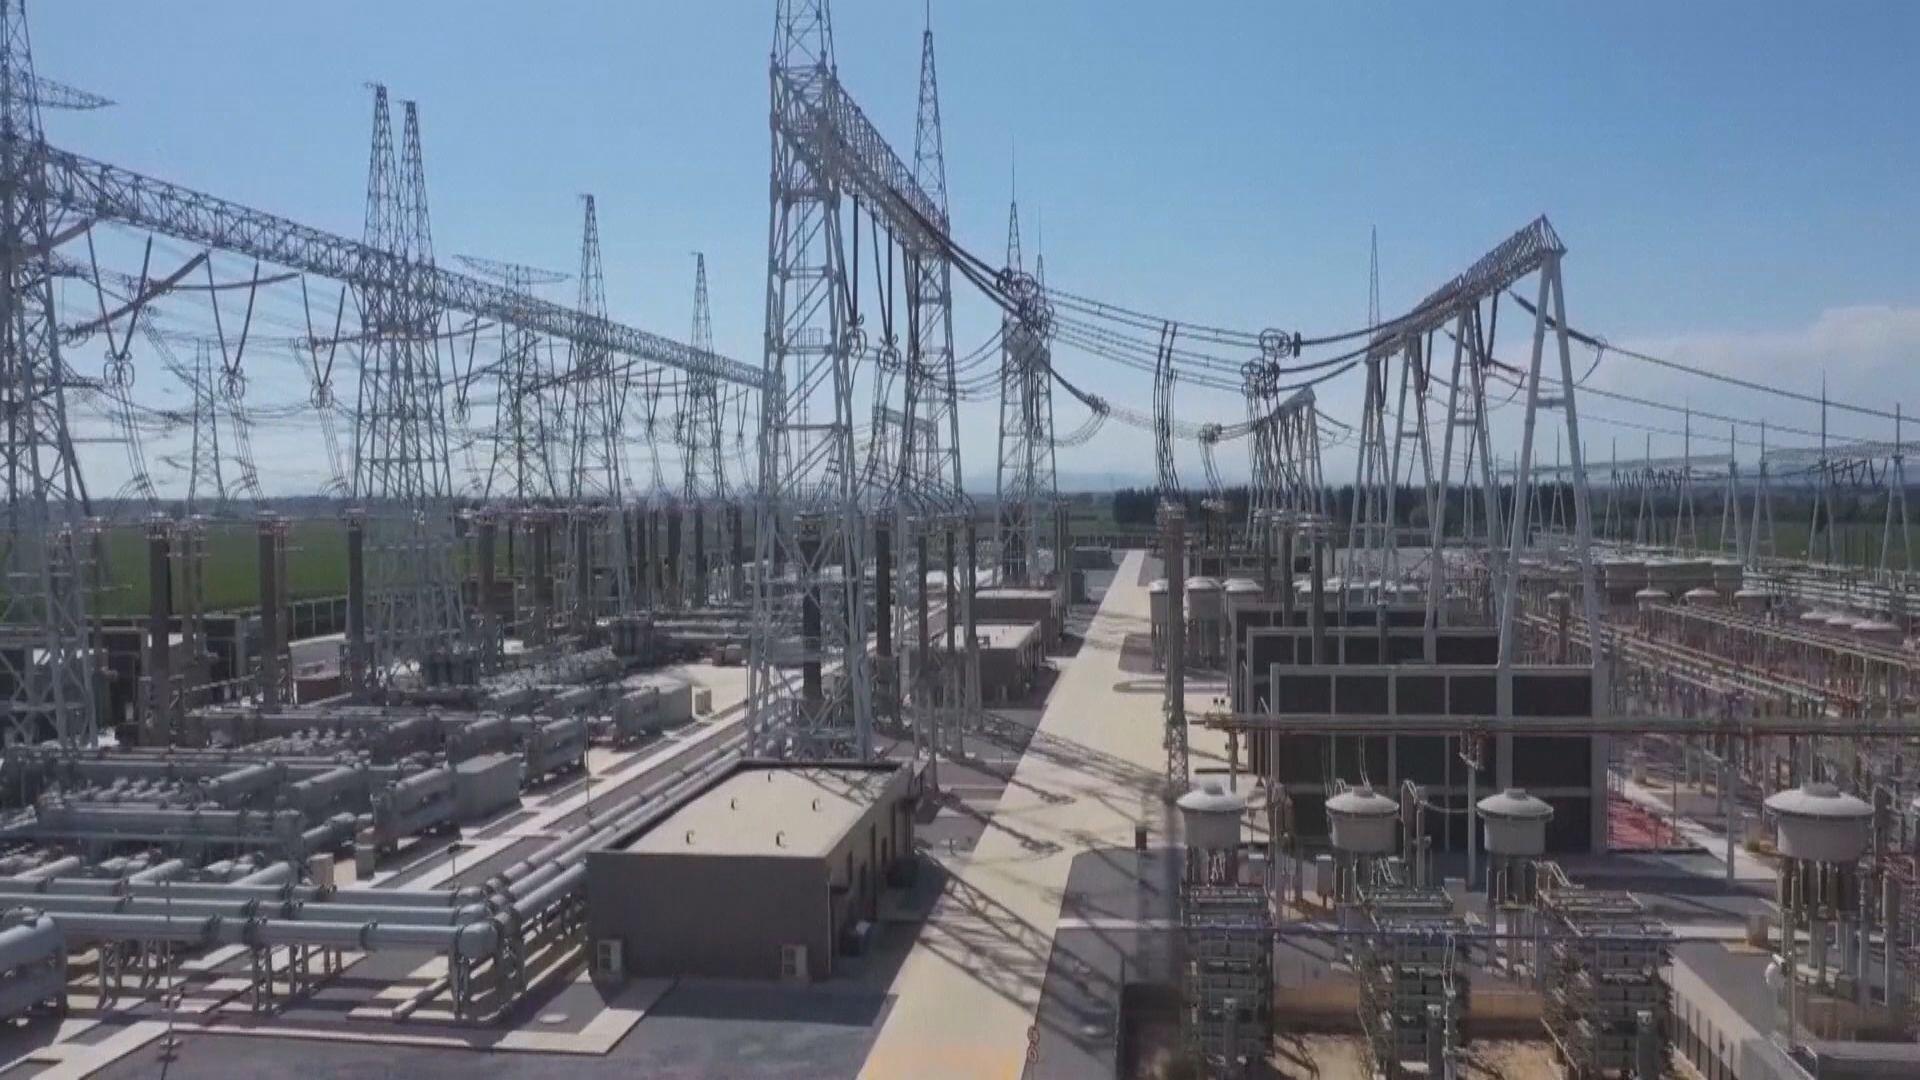 發改委:五月以來南方等地用電緊張 採措施增電量